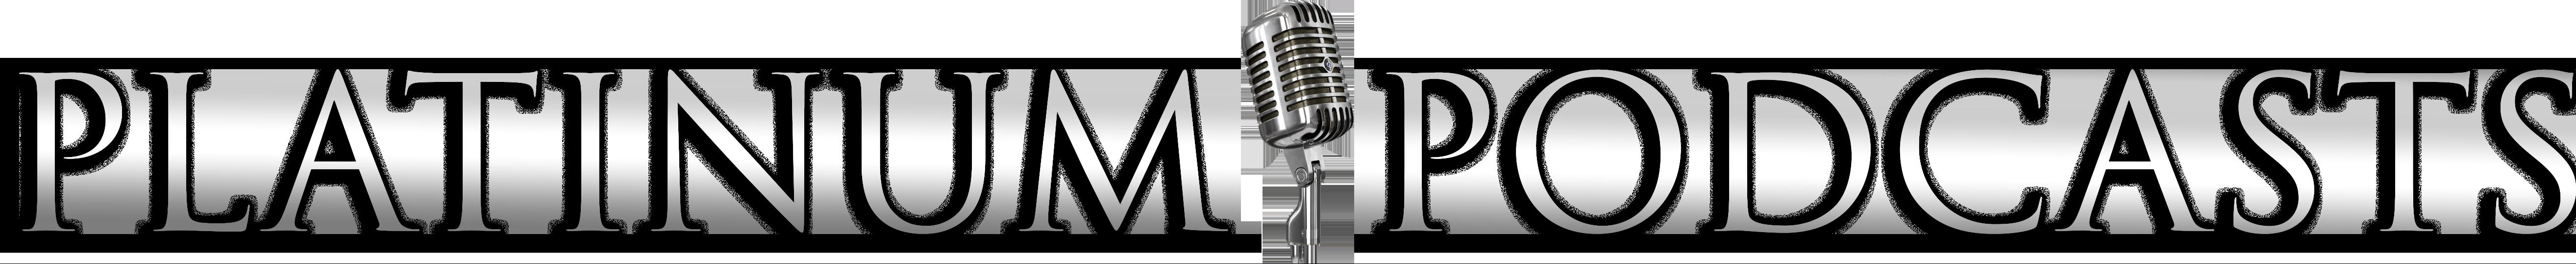 Platinum Podcasts